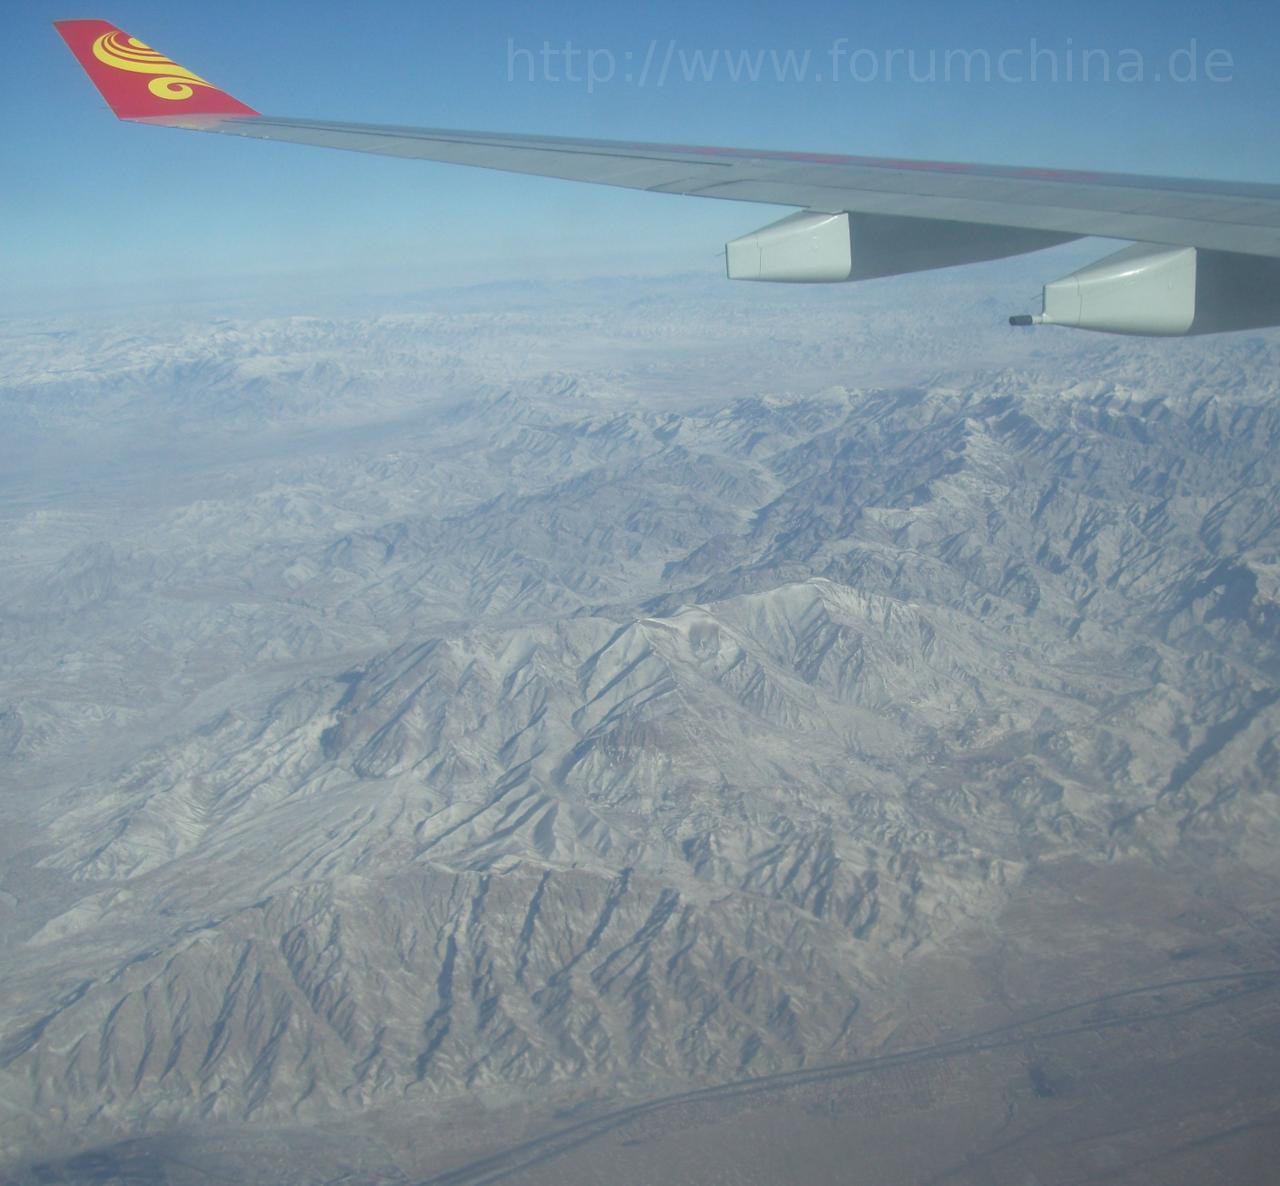 Flugzeug über China - Flugtickets für Direktflüge.